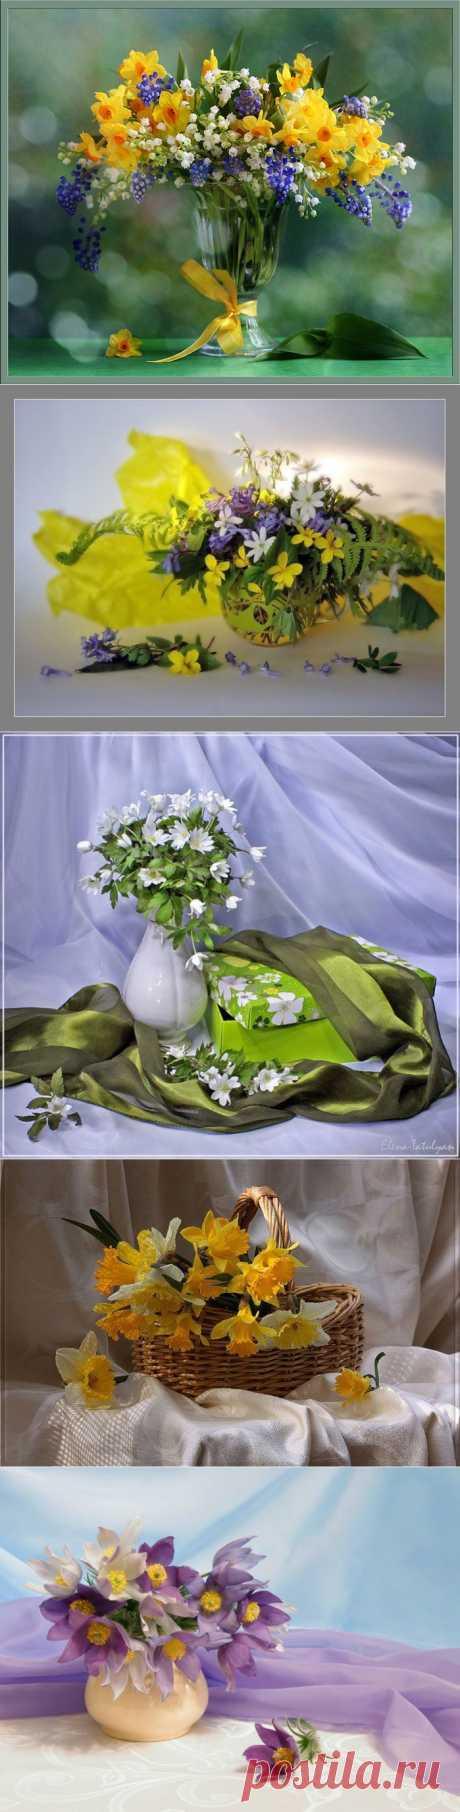 Натюрморты Весенние цветы.